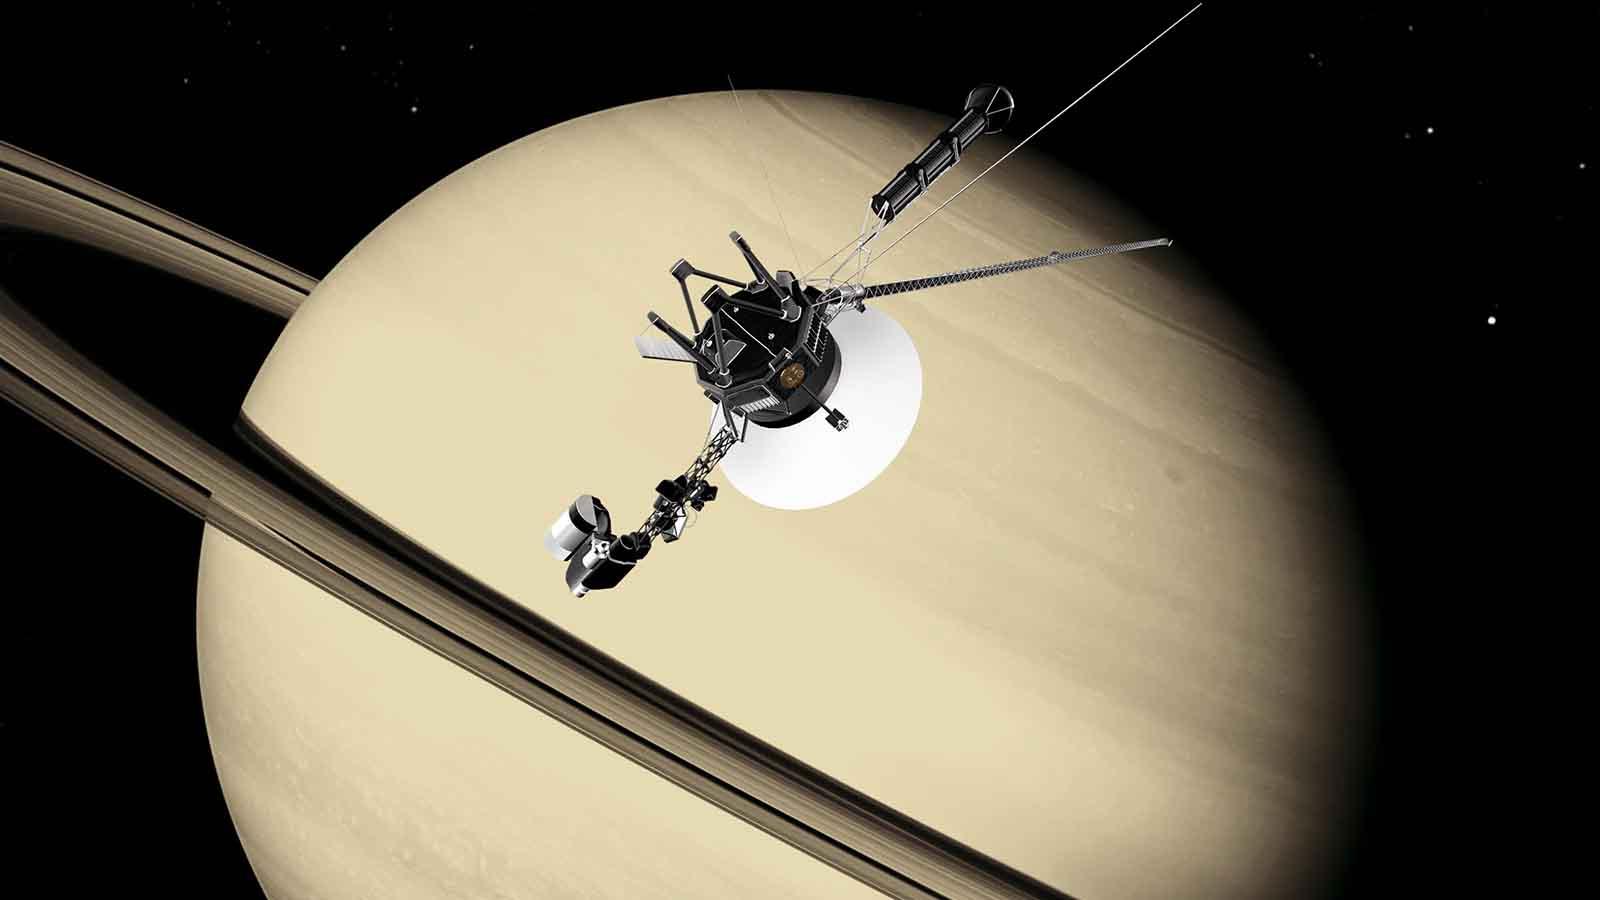 C3 Música y astronomía con buen Fario y Longitud de Onda